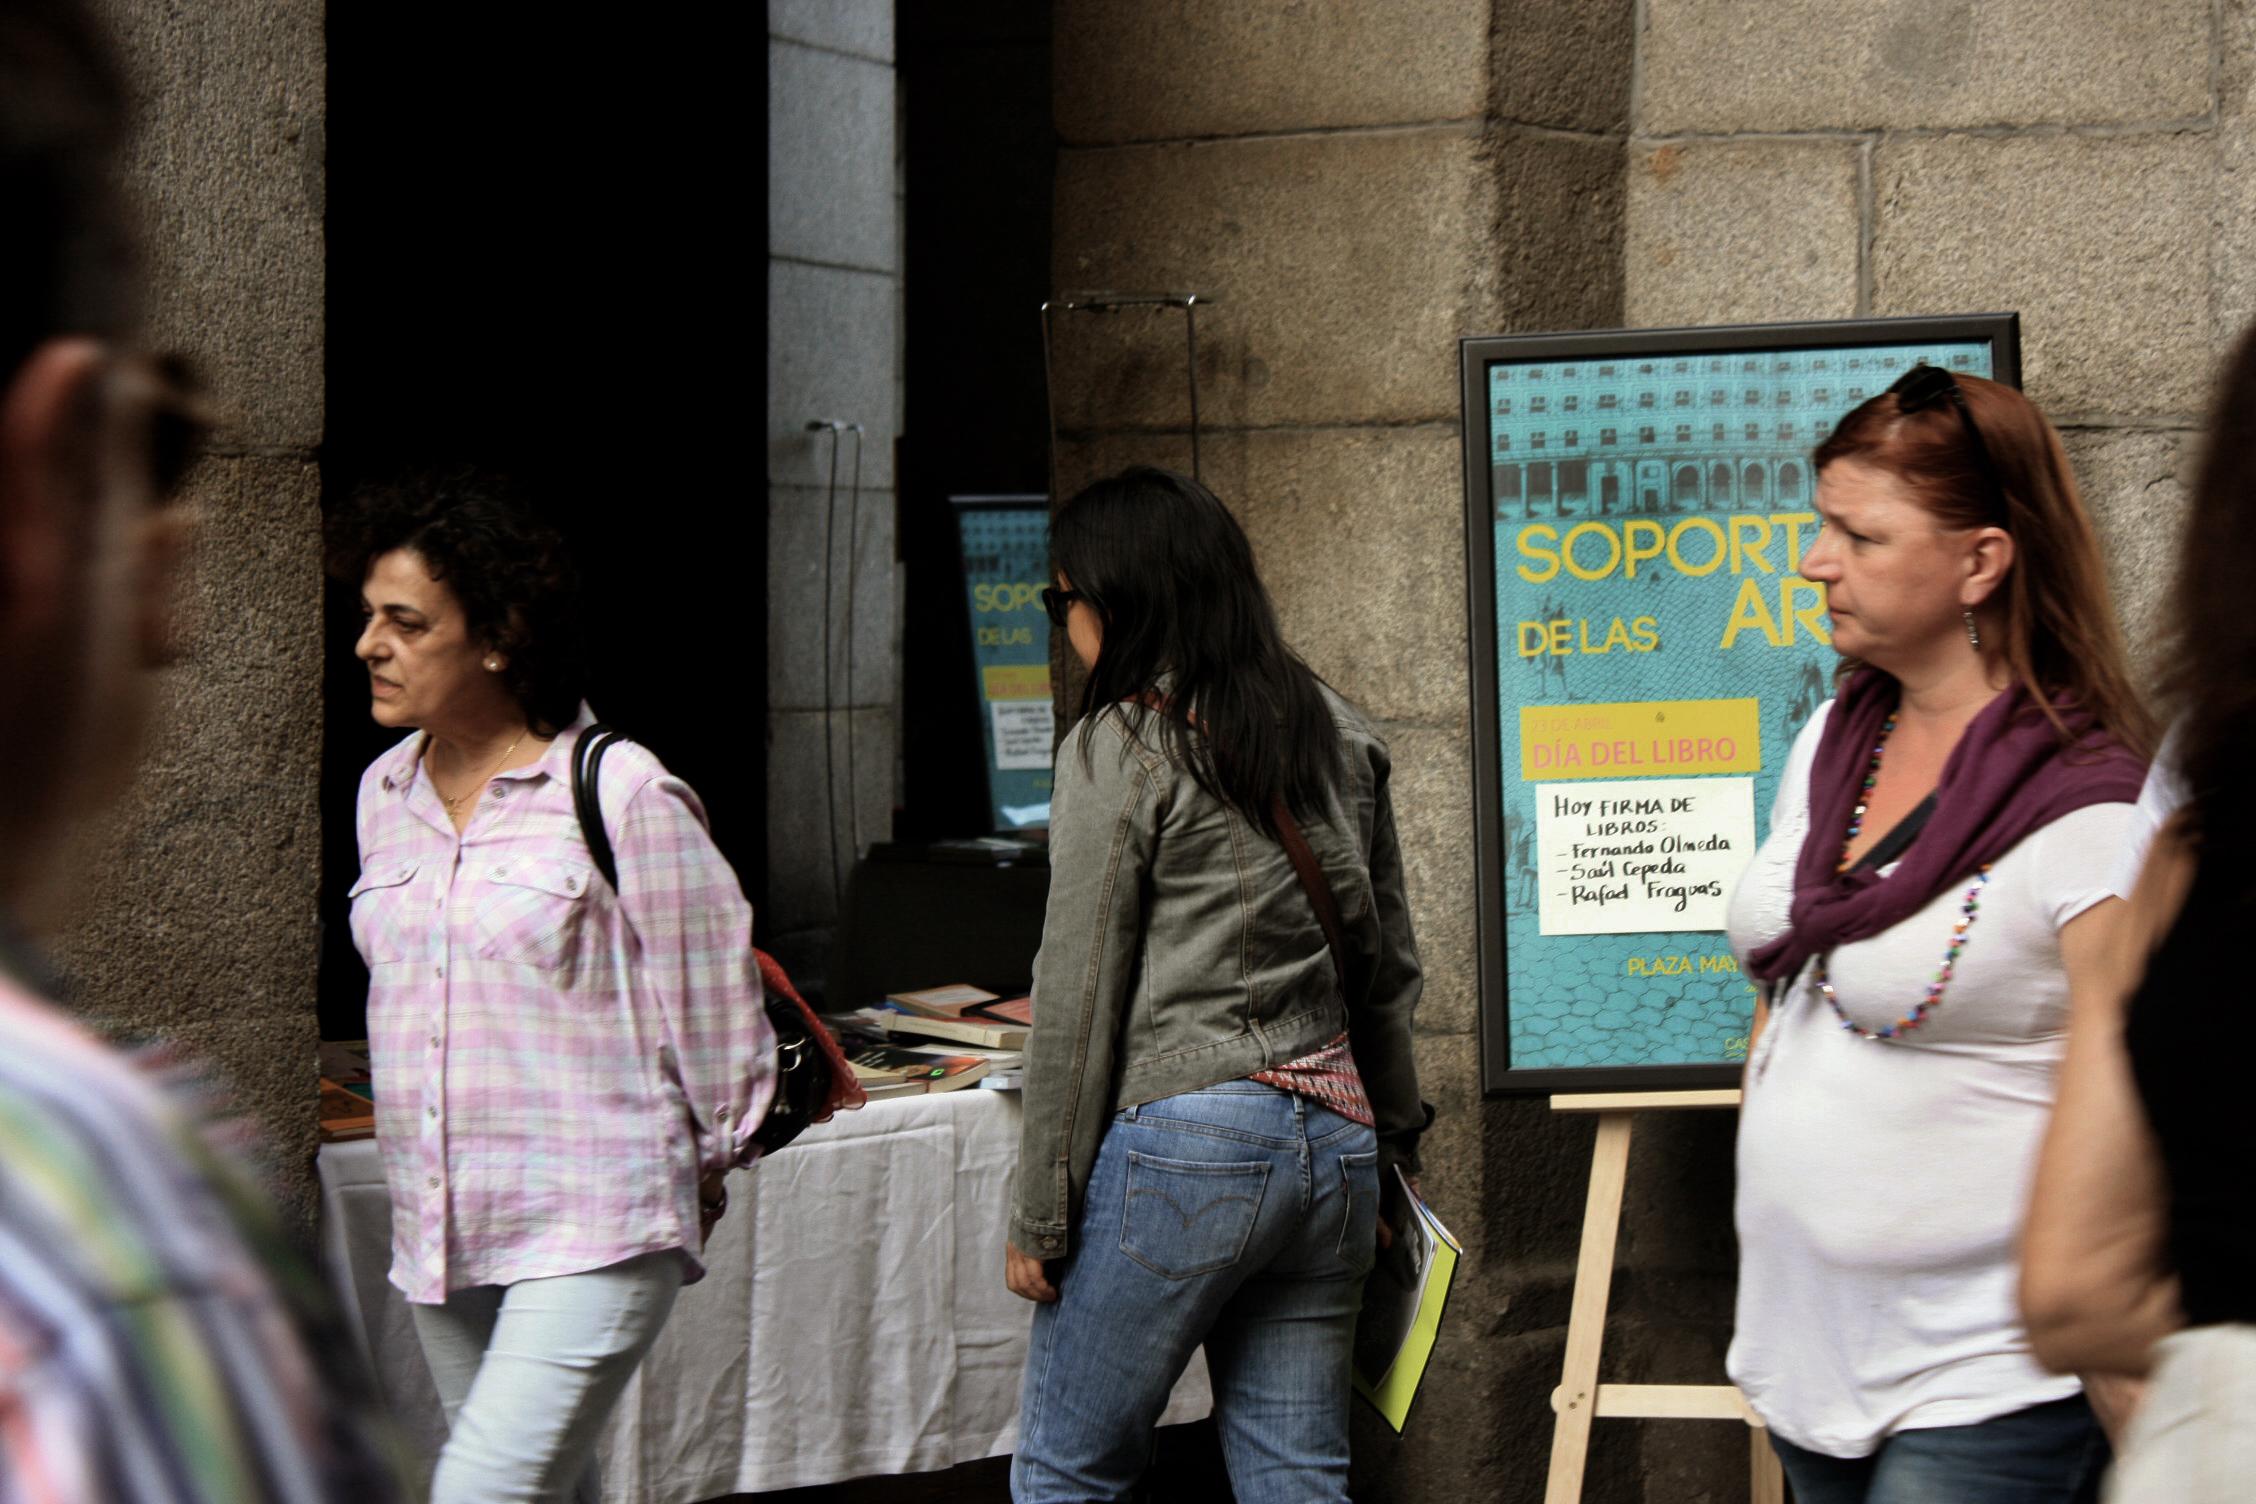 23.04.2015     Los soportales de las artes.        DÍA DEL LIBRO